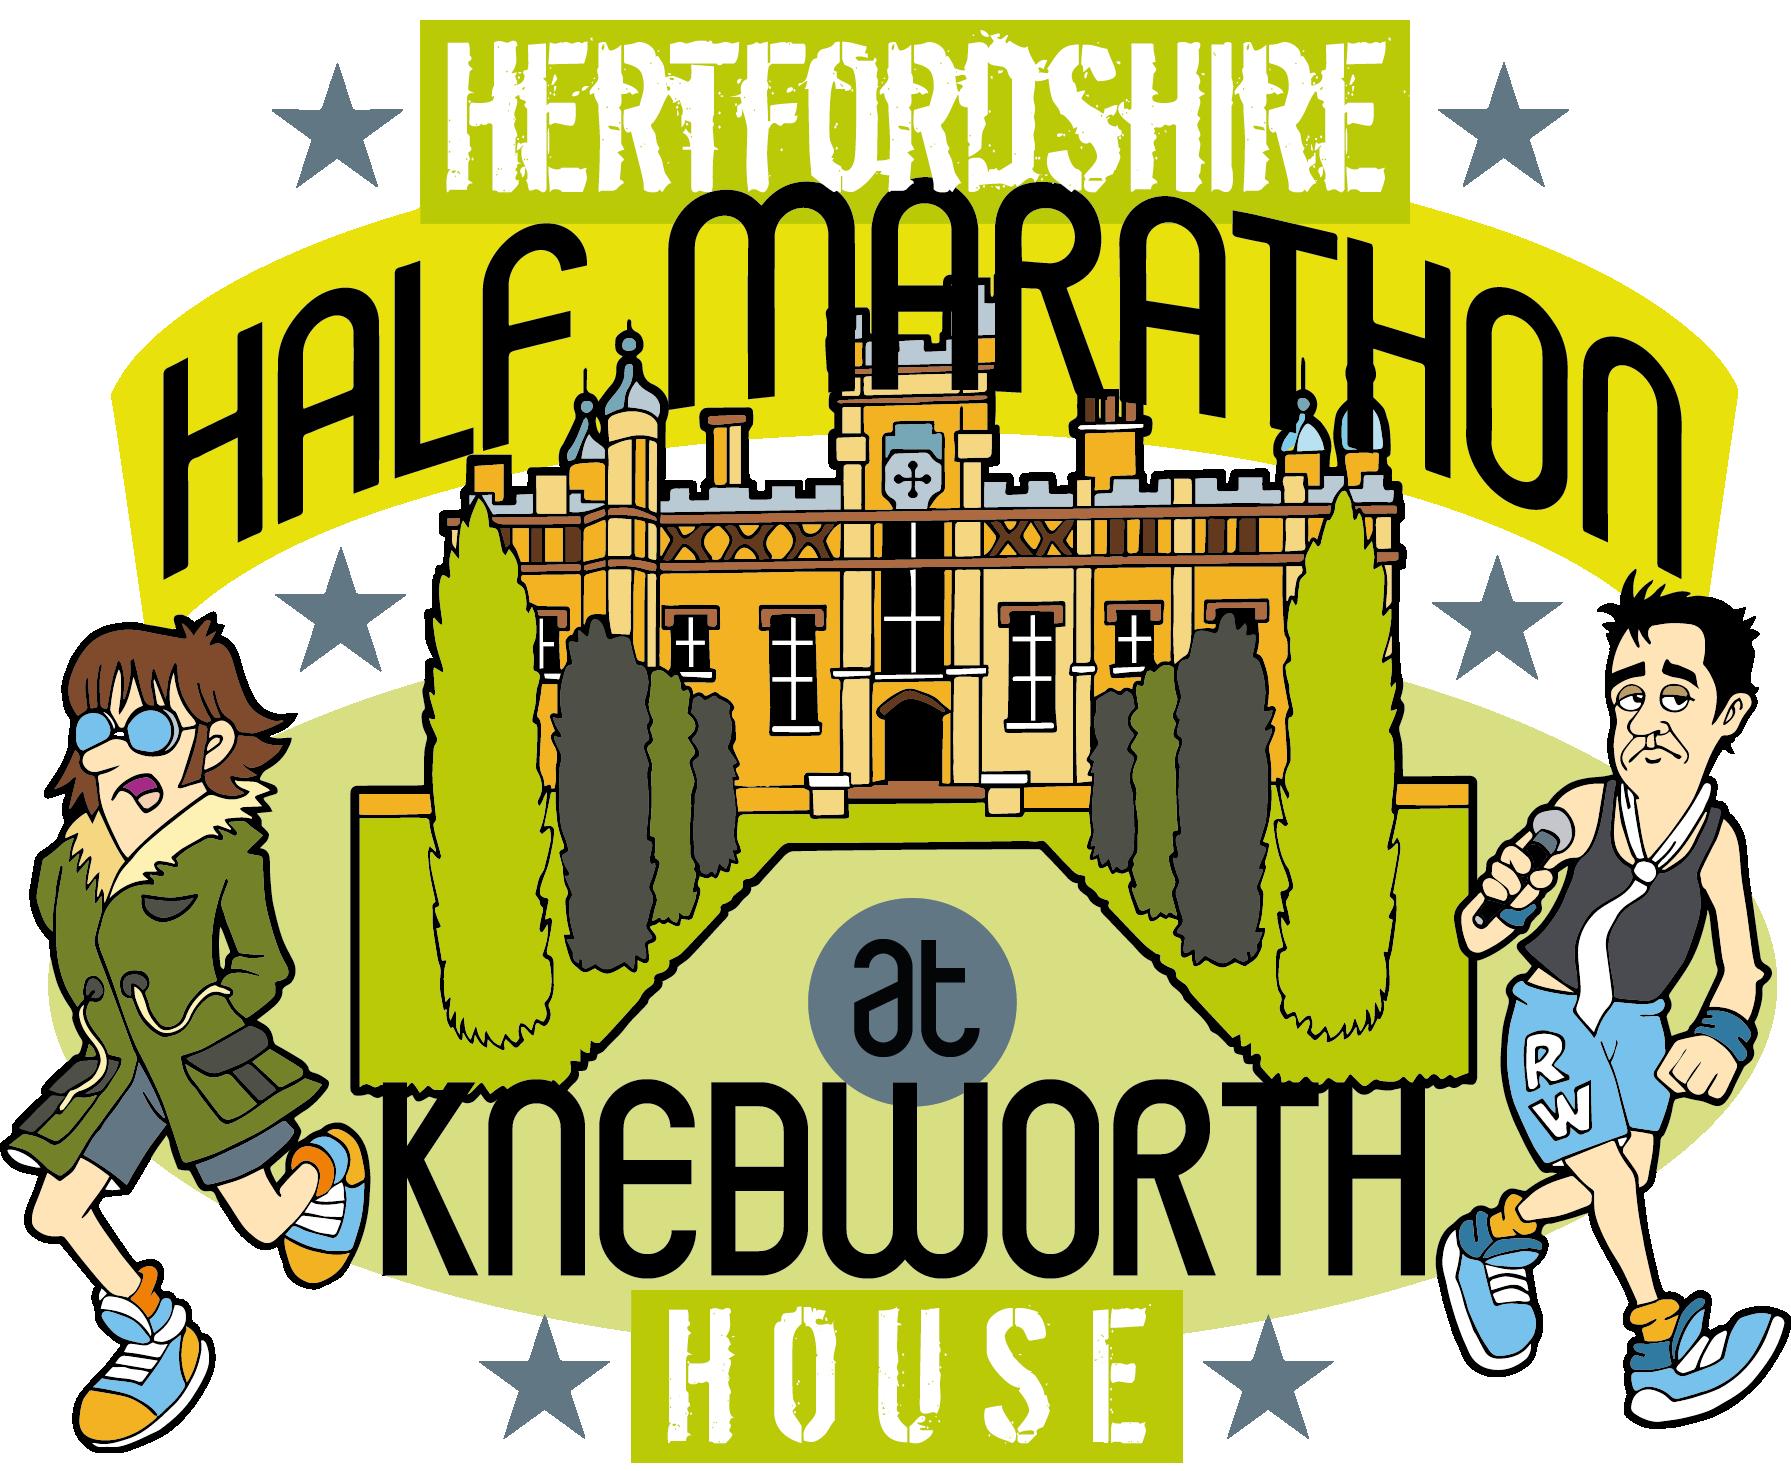 Hertfordshire Half Marathon - June